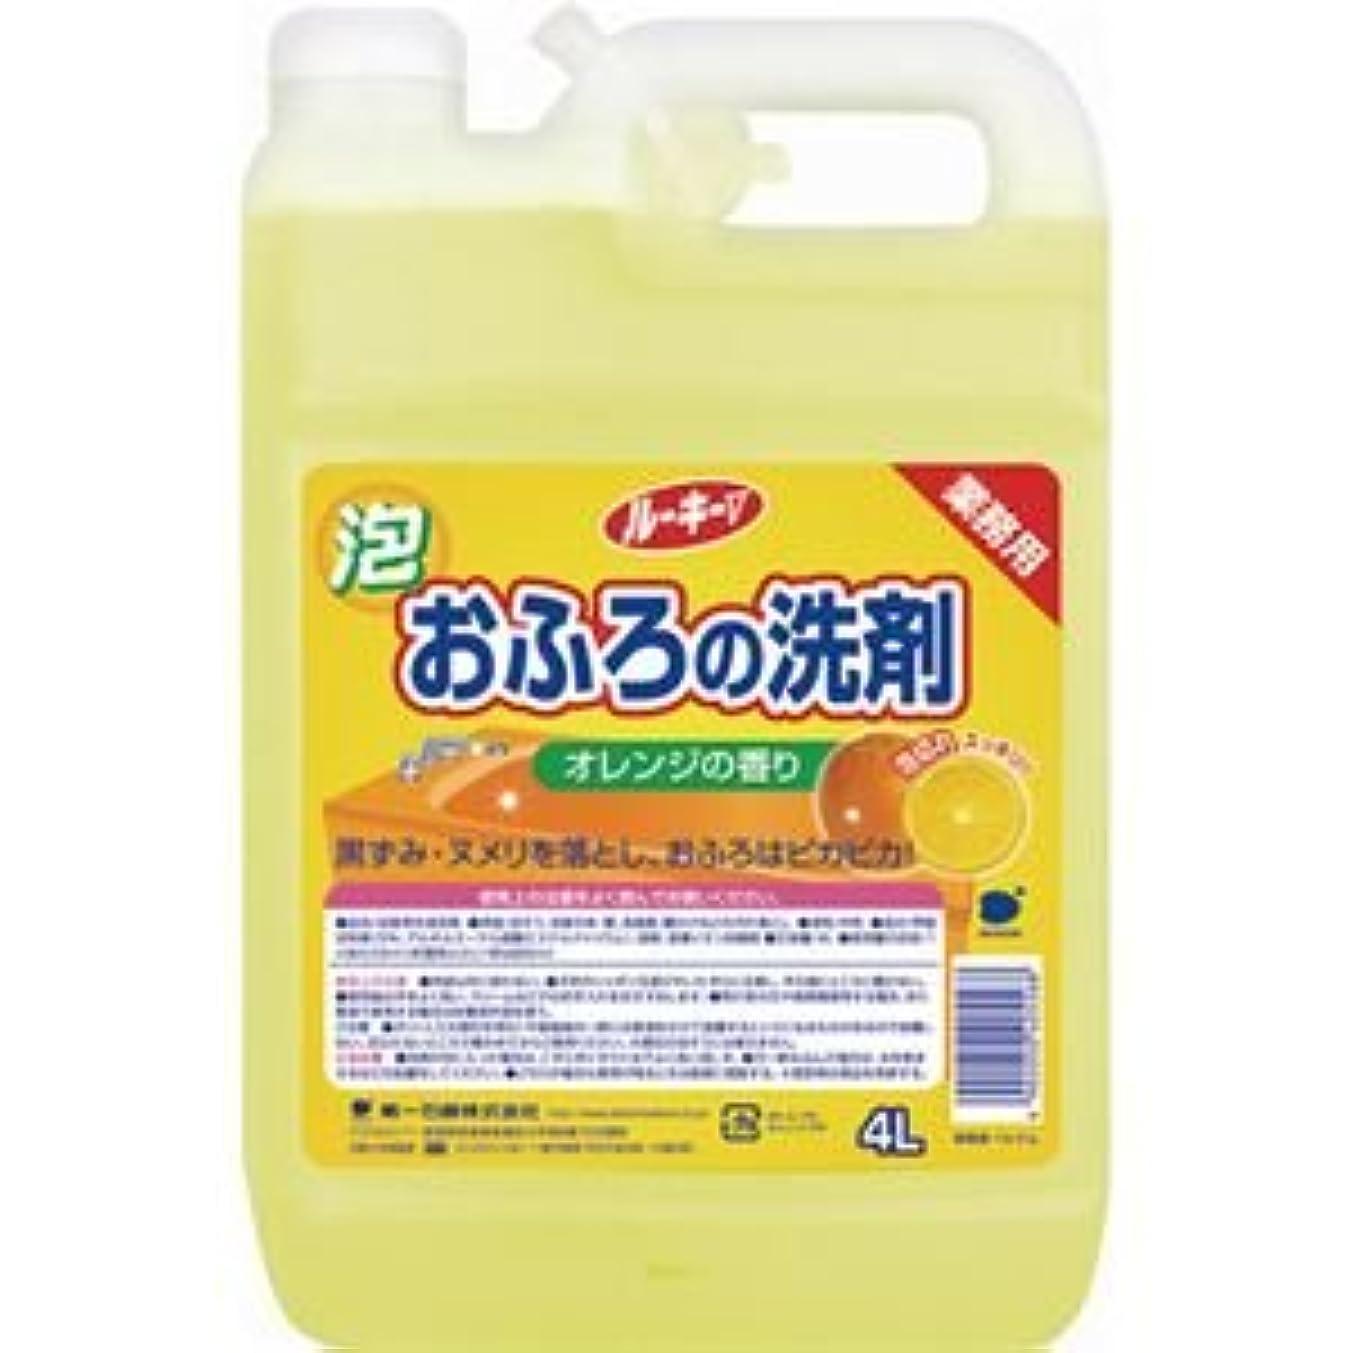 効能スラダムアンティーク(まとめ) 第一石鹸 ルーキーV おふろ洗剤 業務用 4L 1本 【×5セット】